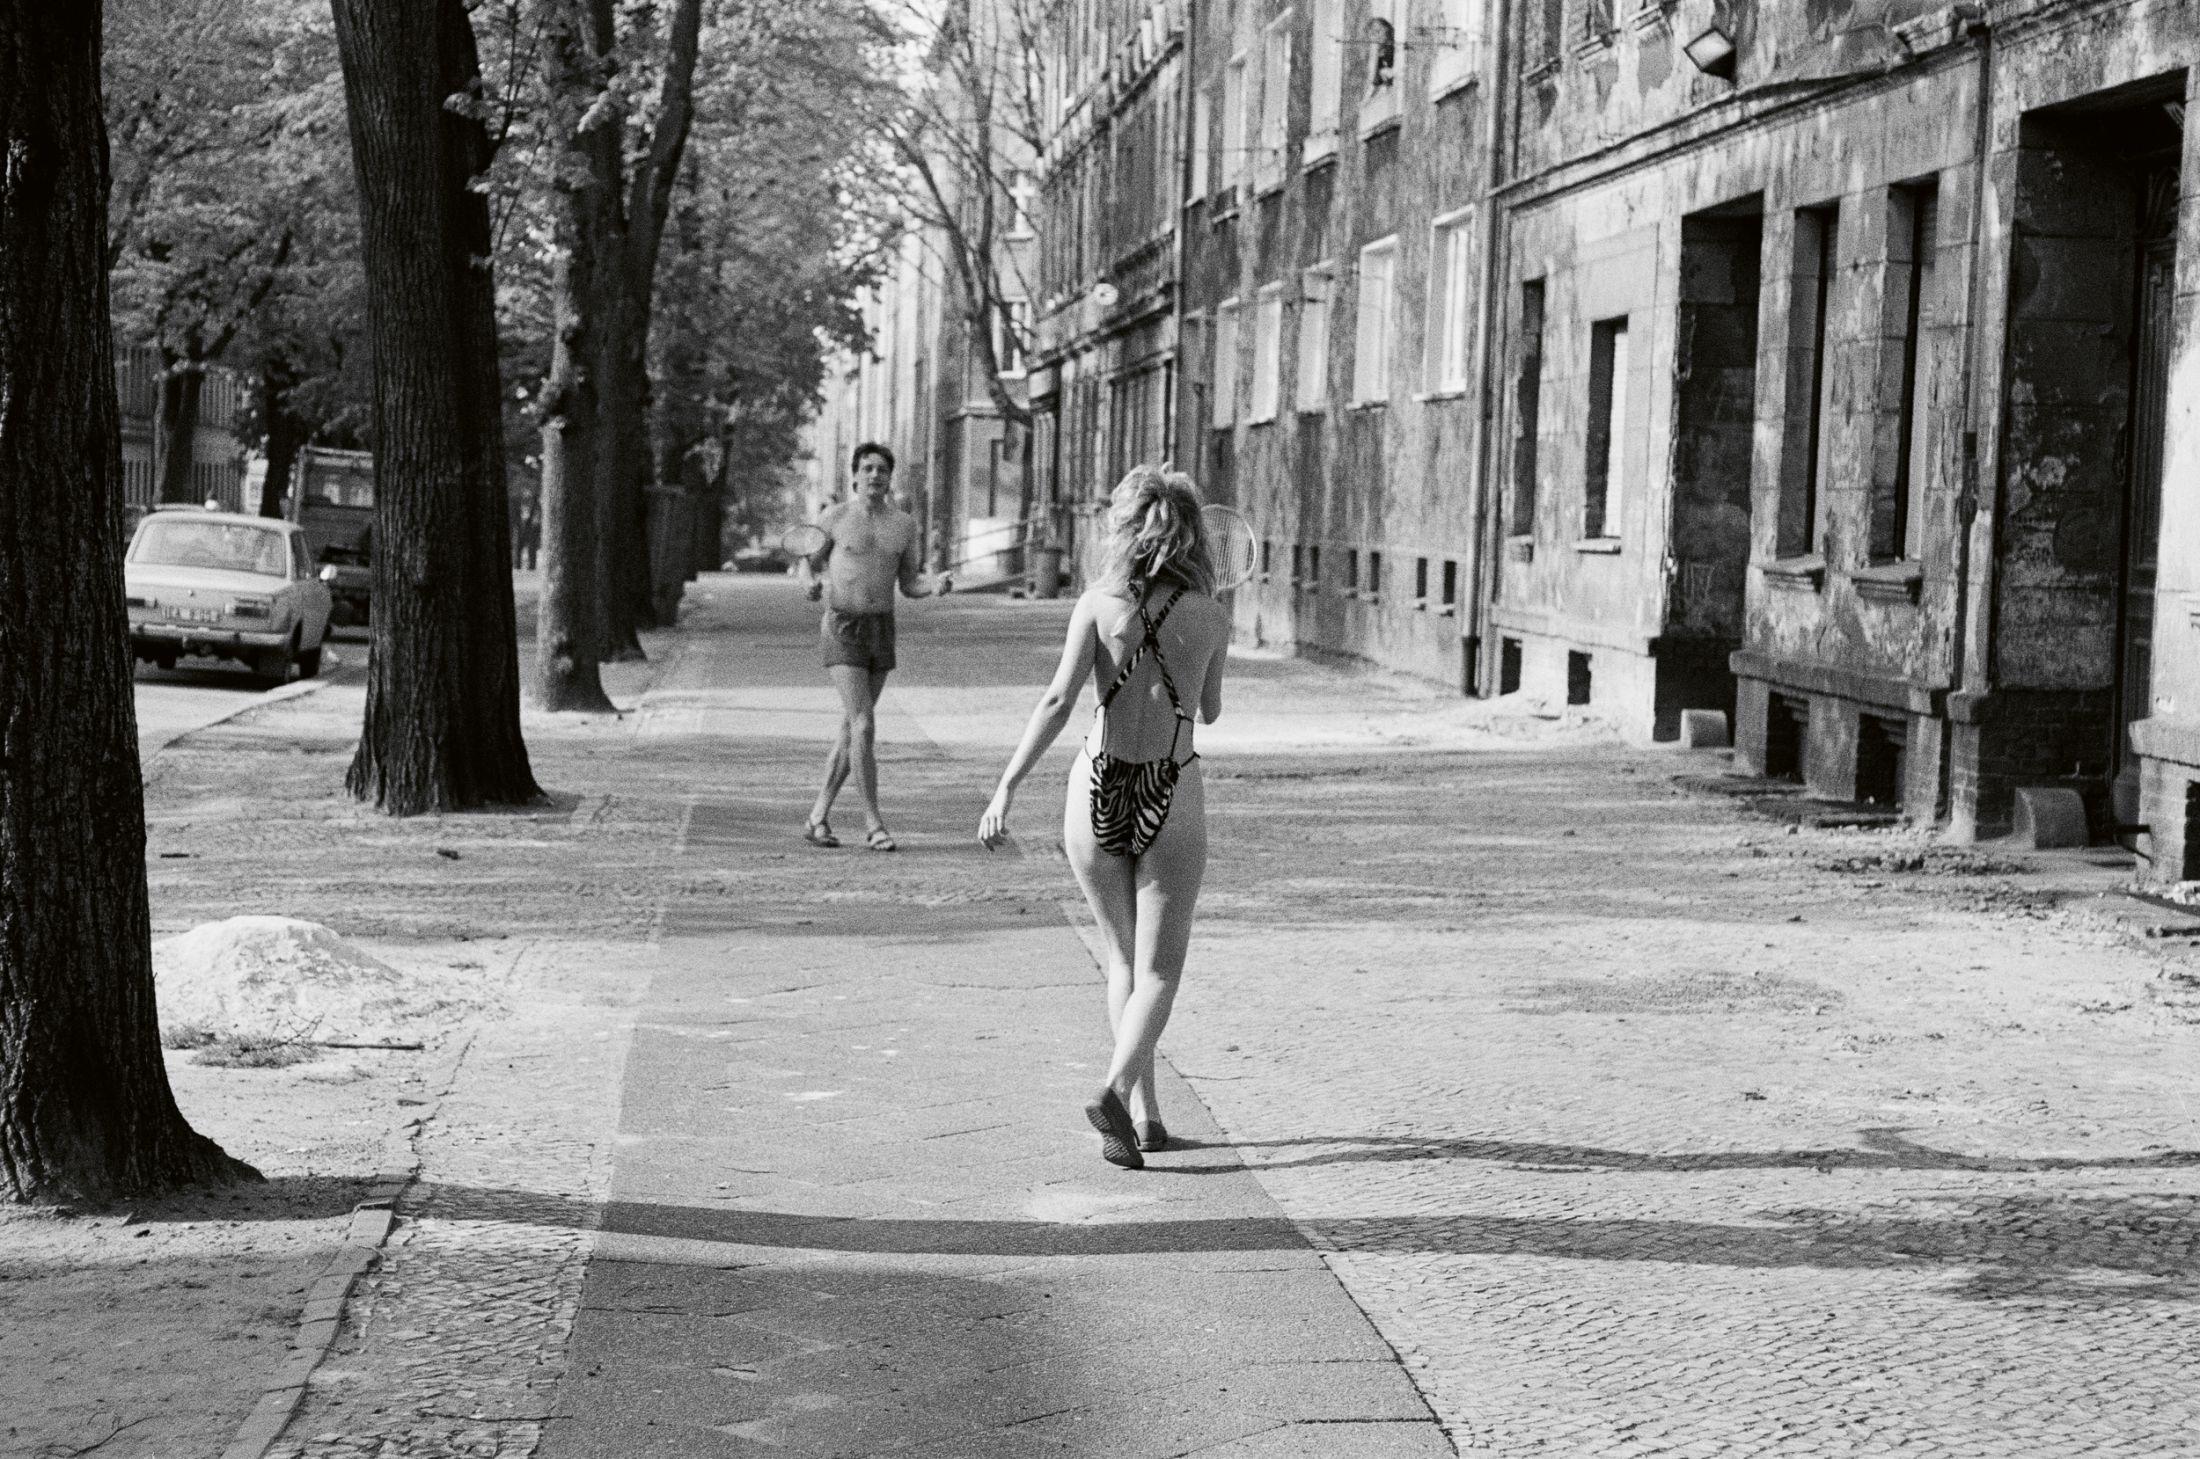 Berlin avant et après la chute du mur par Nelly Rau-Häring